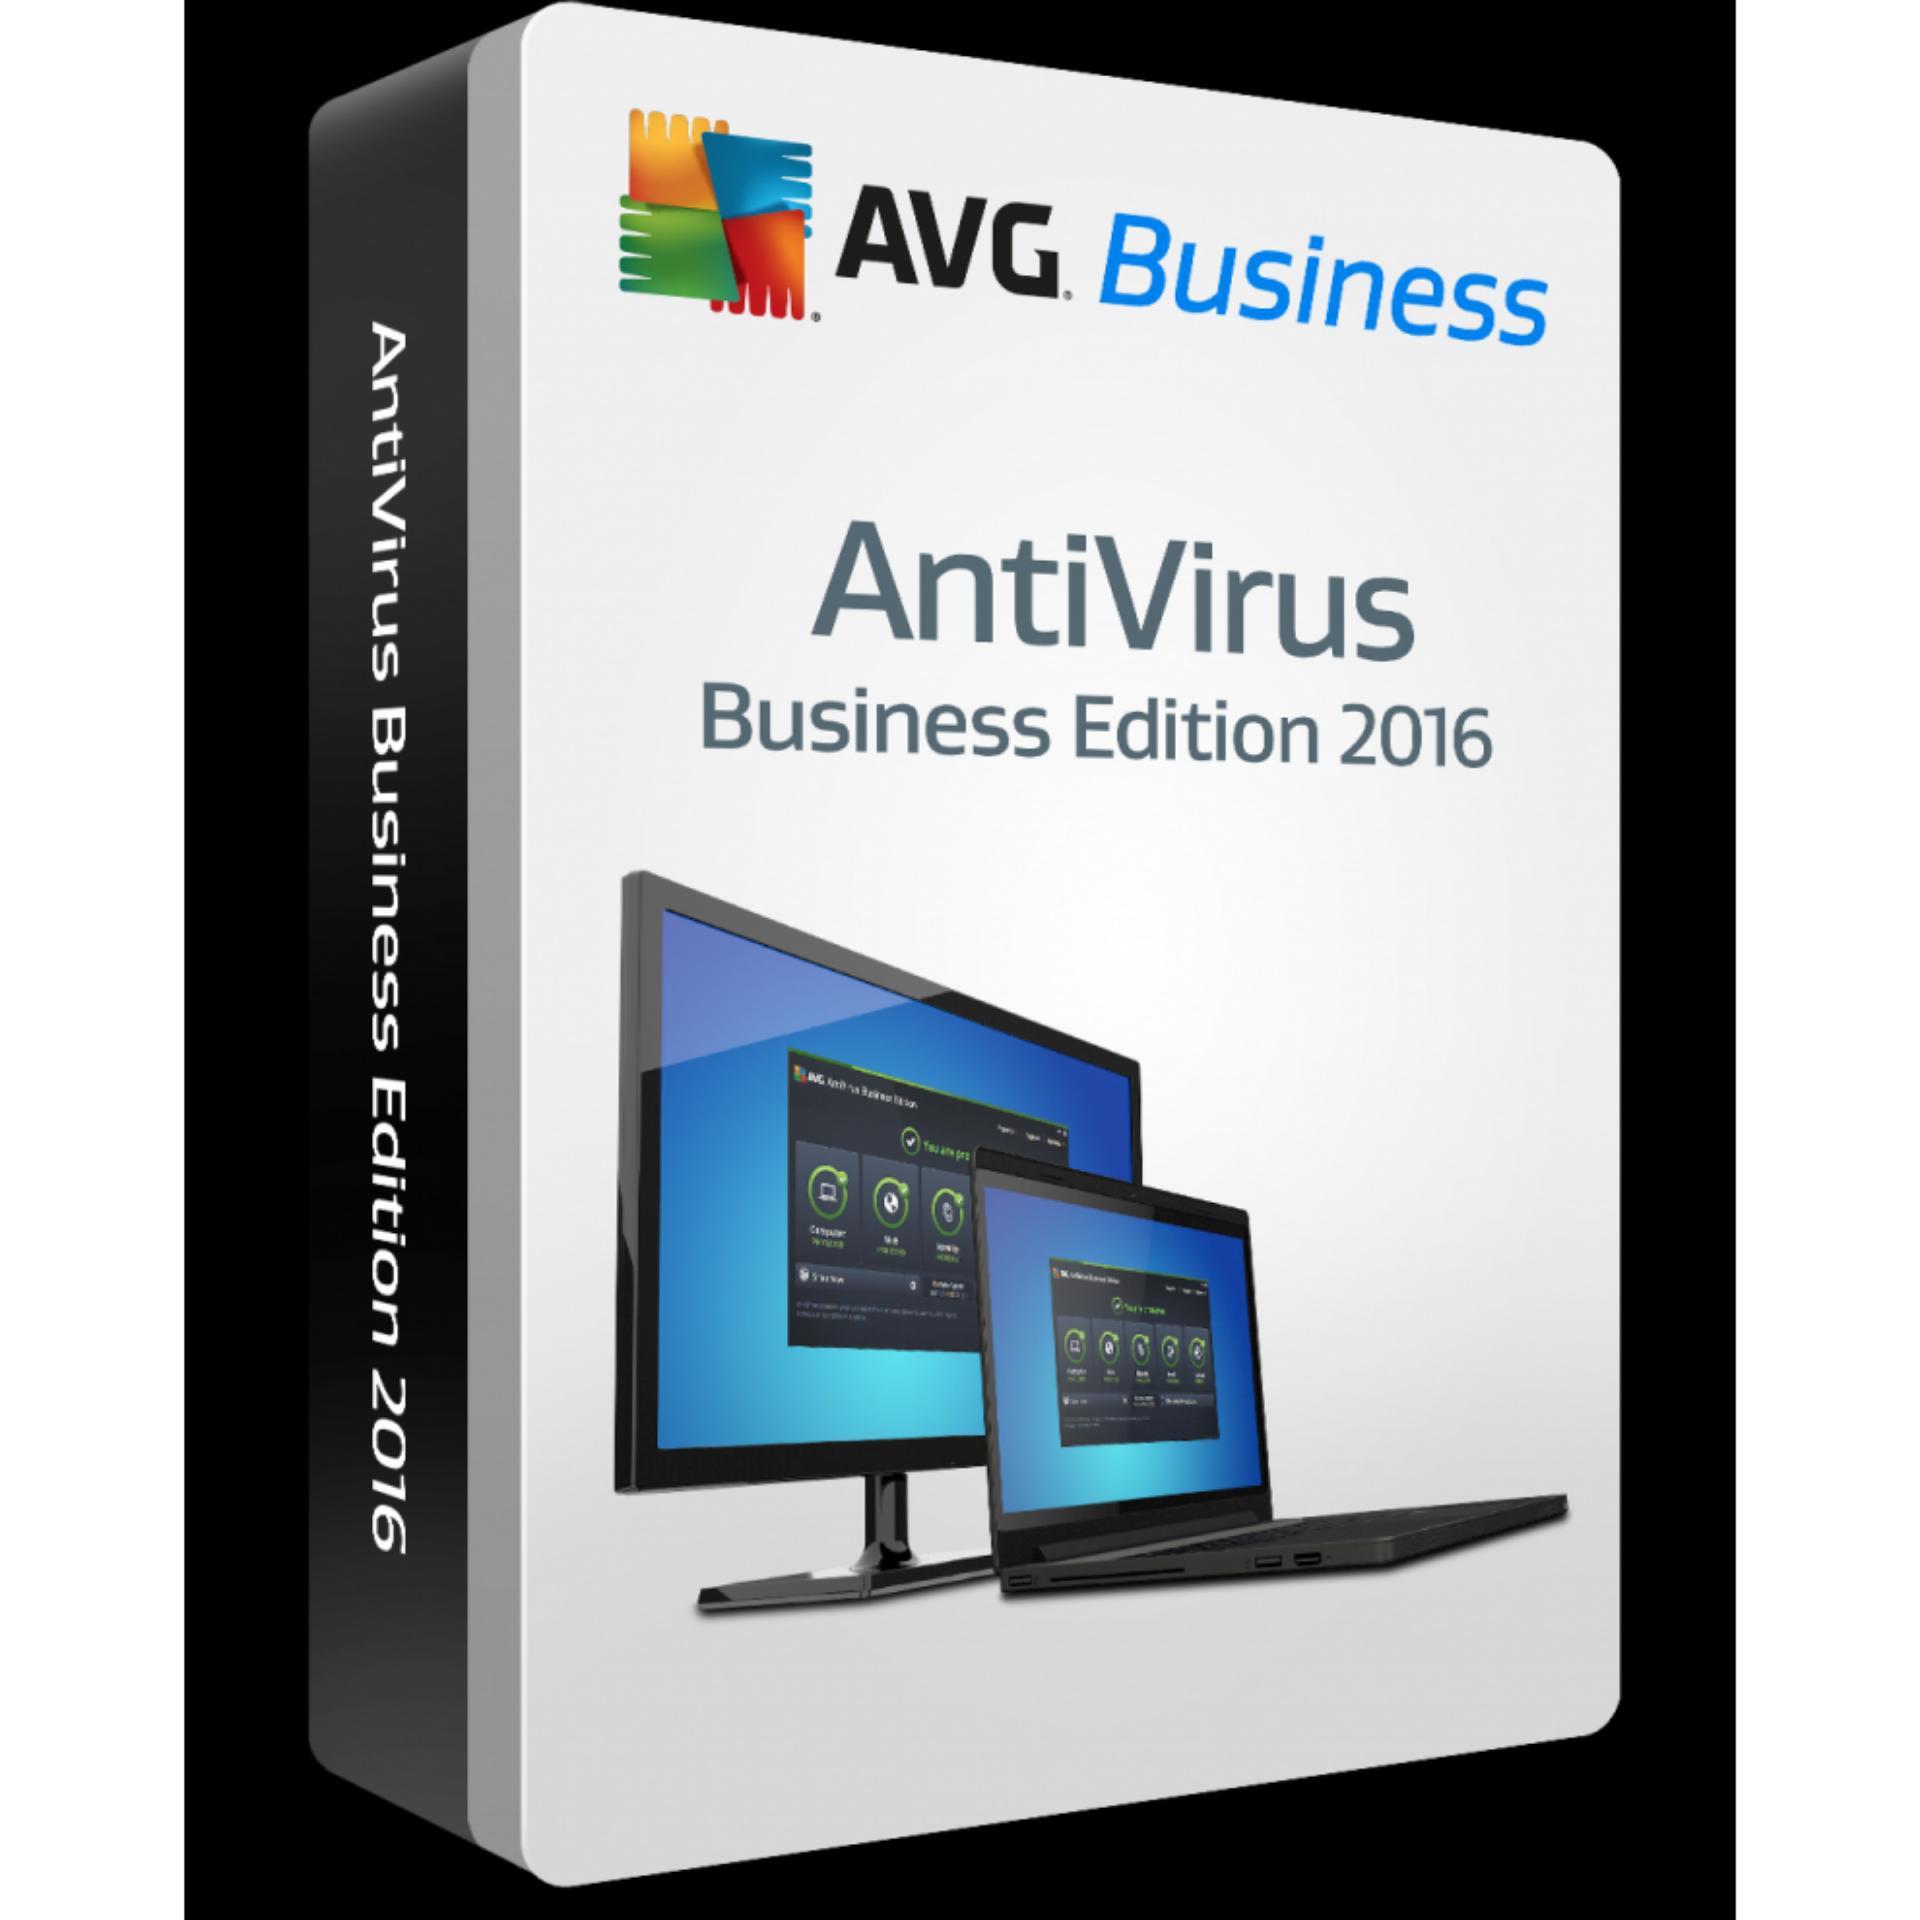 avg full version antivirus